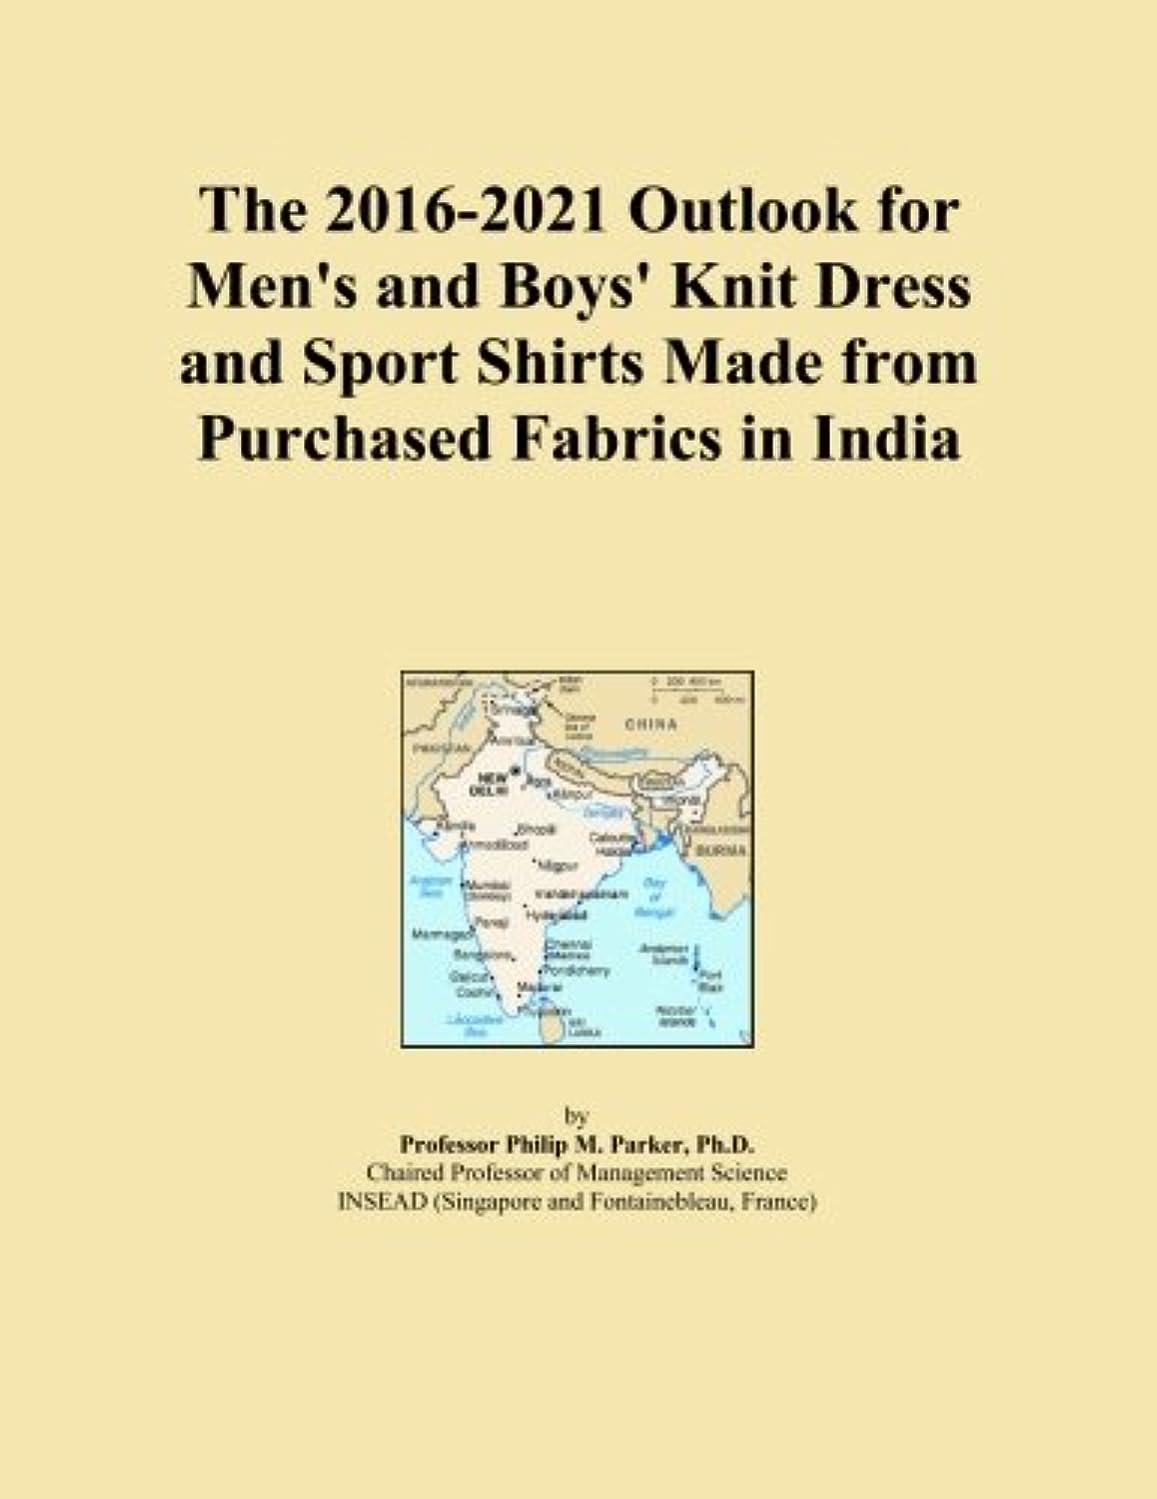 委託人形一晩The 2016-2021 Outlook for Men's and Boys' Knit Dress and Sport Shirts Made from Purchased Fabrics in India